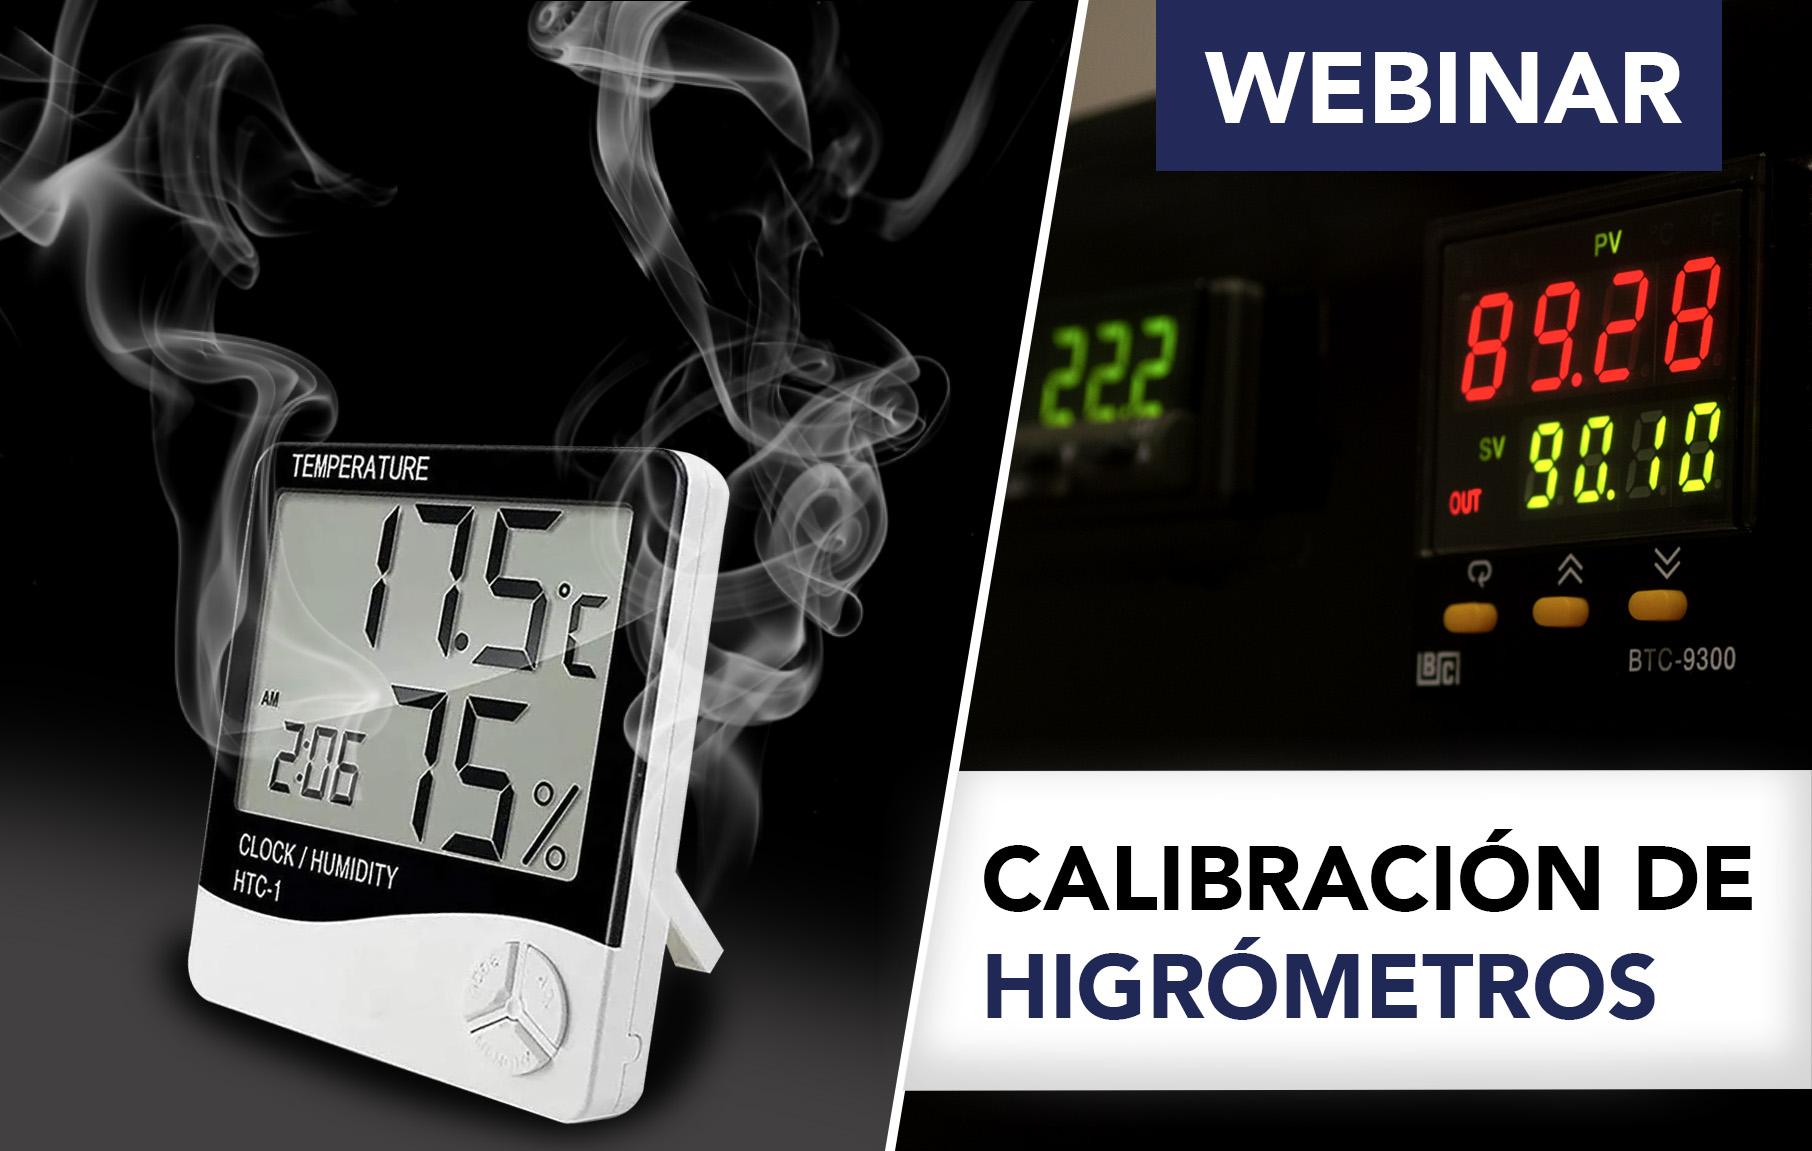 Calibración de higrómetros